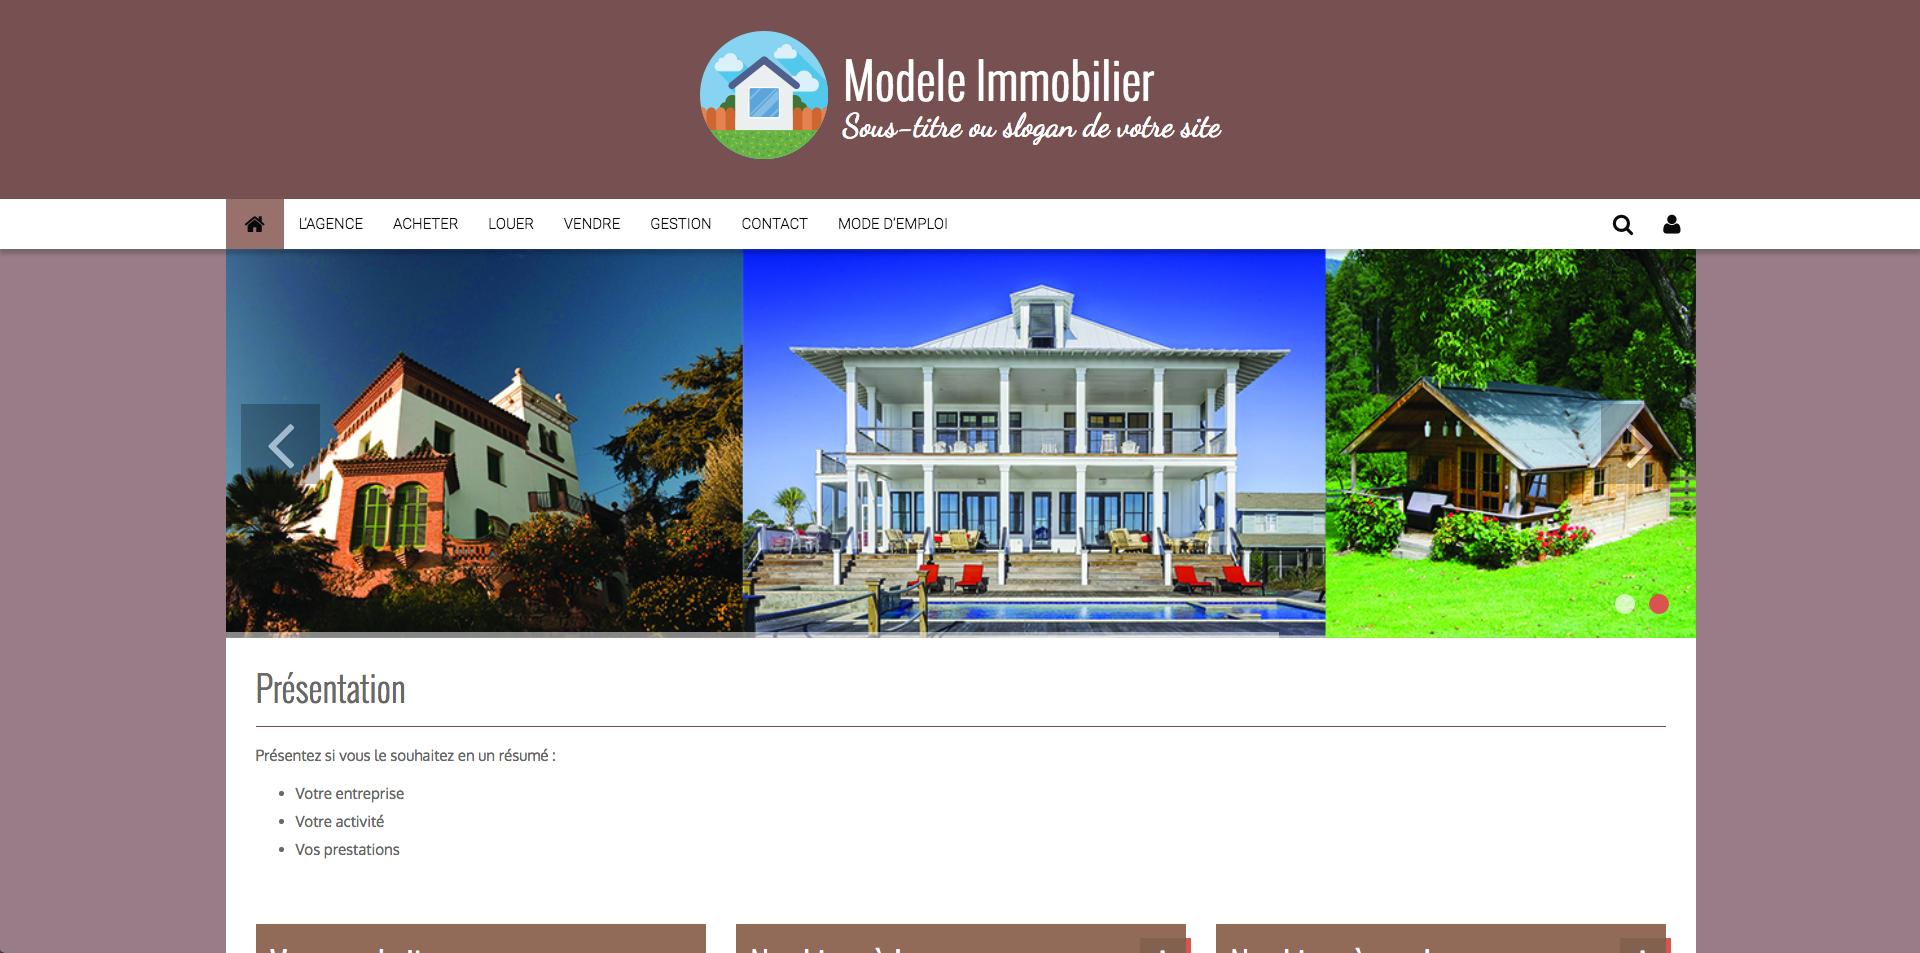 Faire simplement la page d'accueil d'un site immobilier